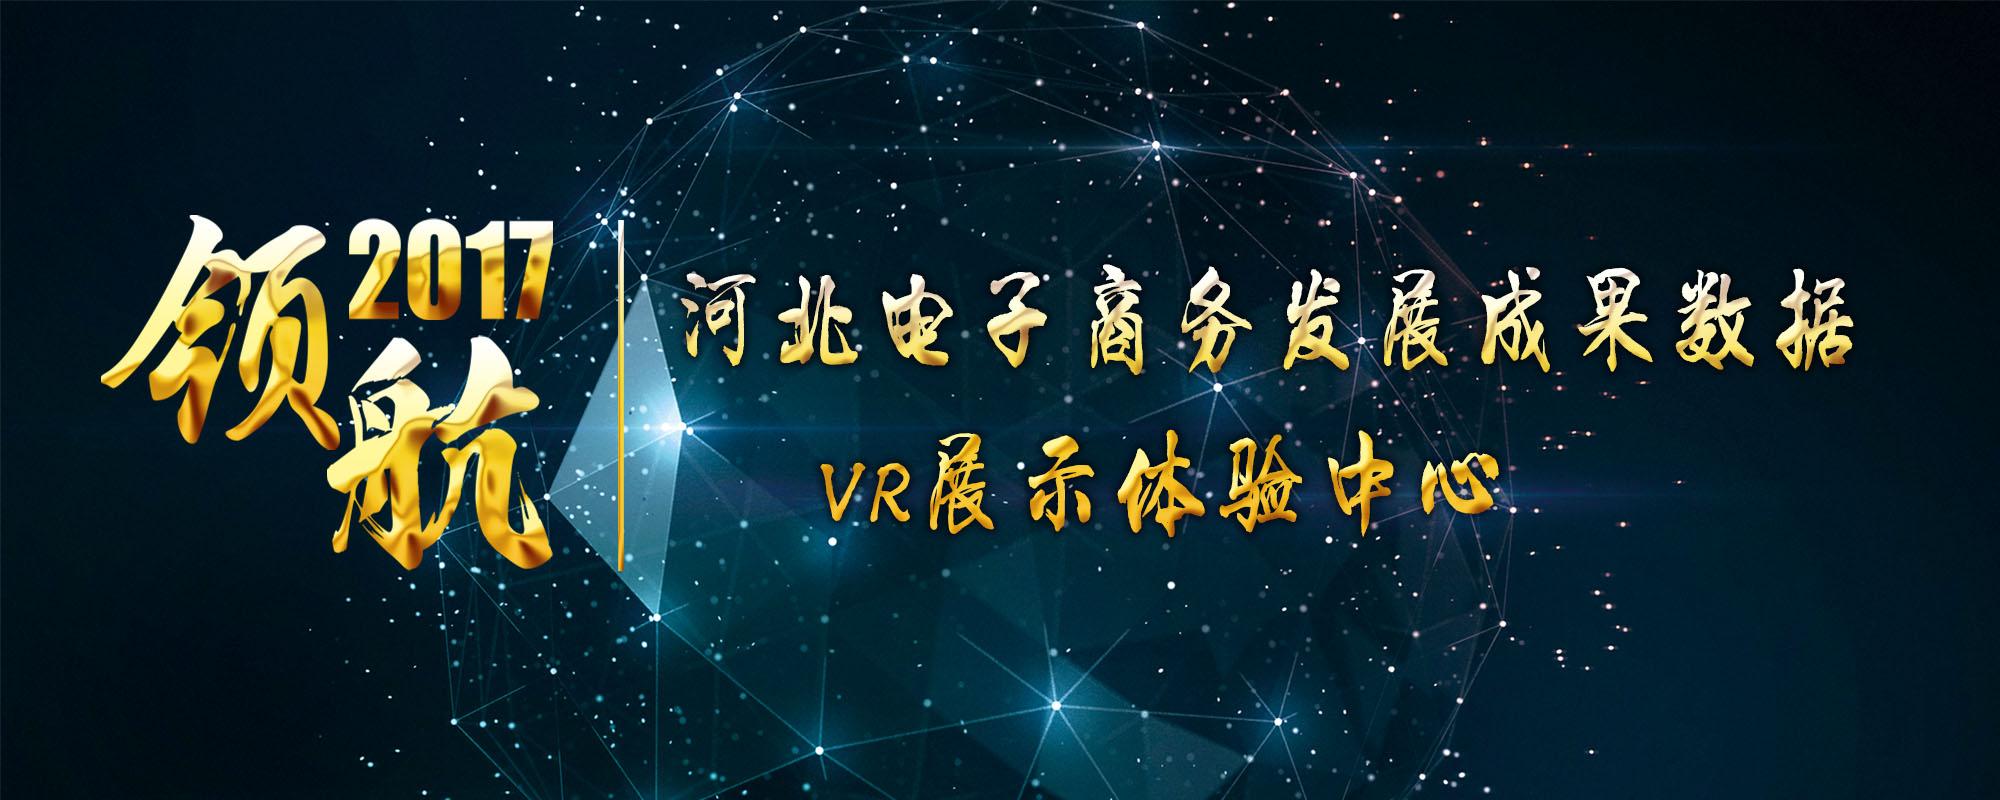 VR创客云